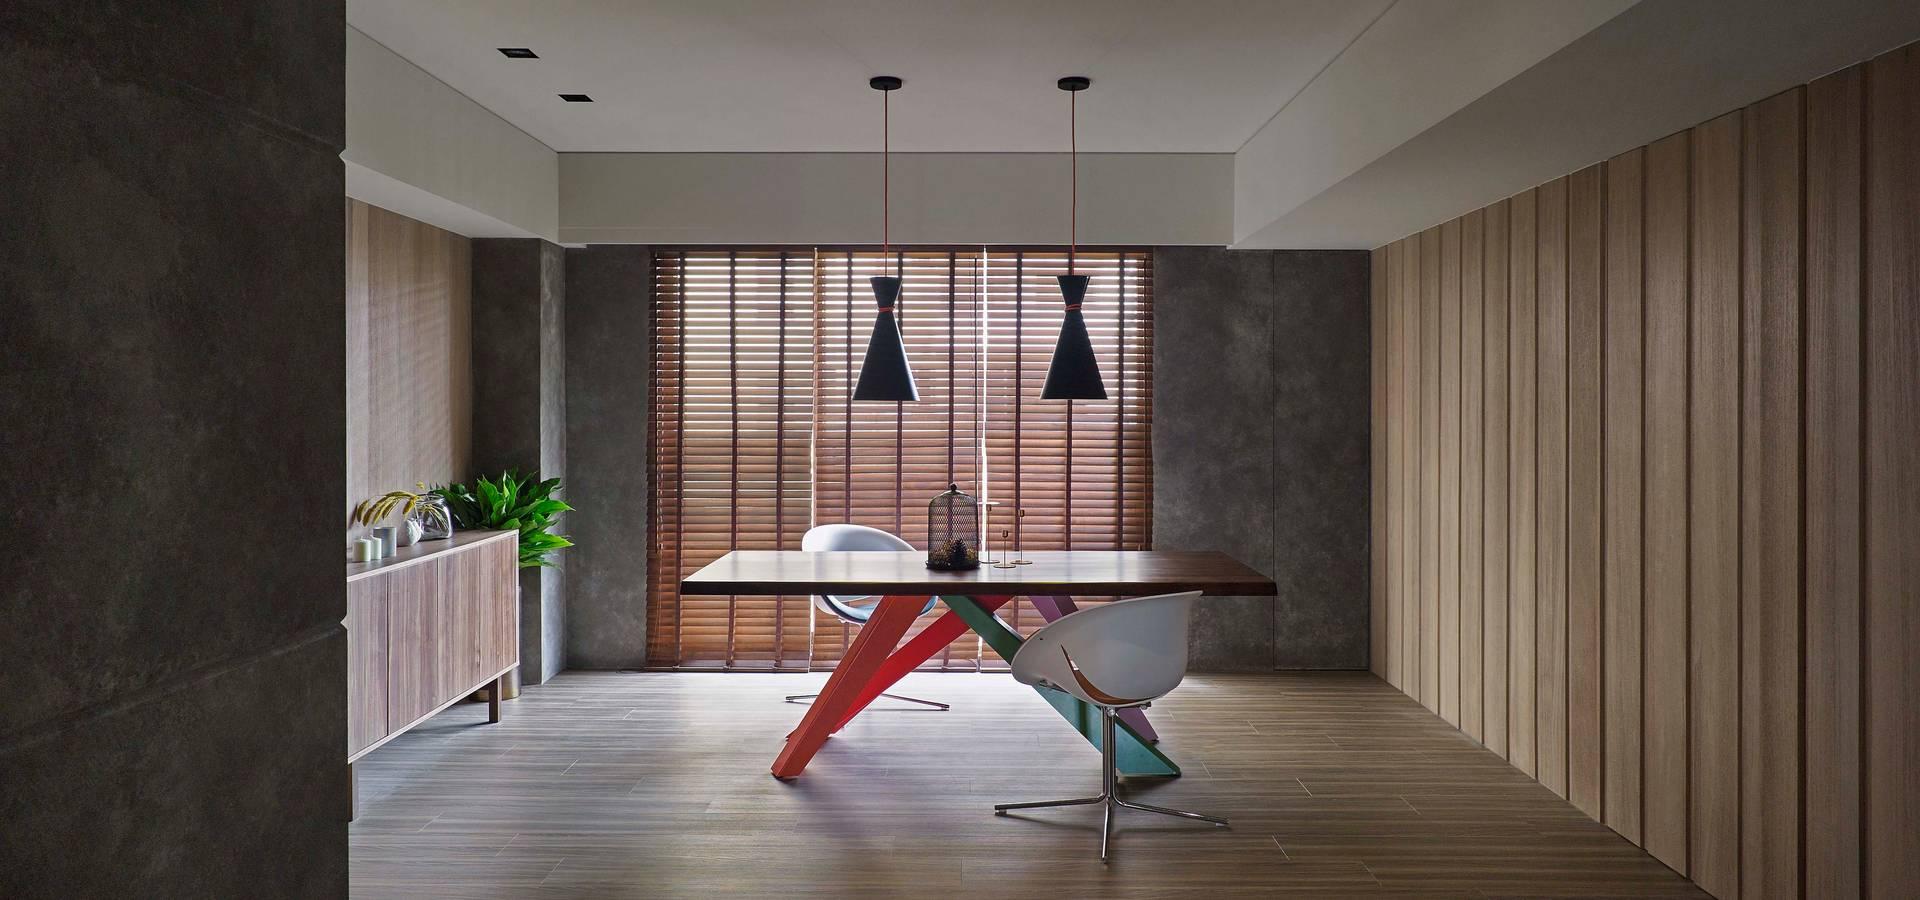 晨室空間設計有限公司